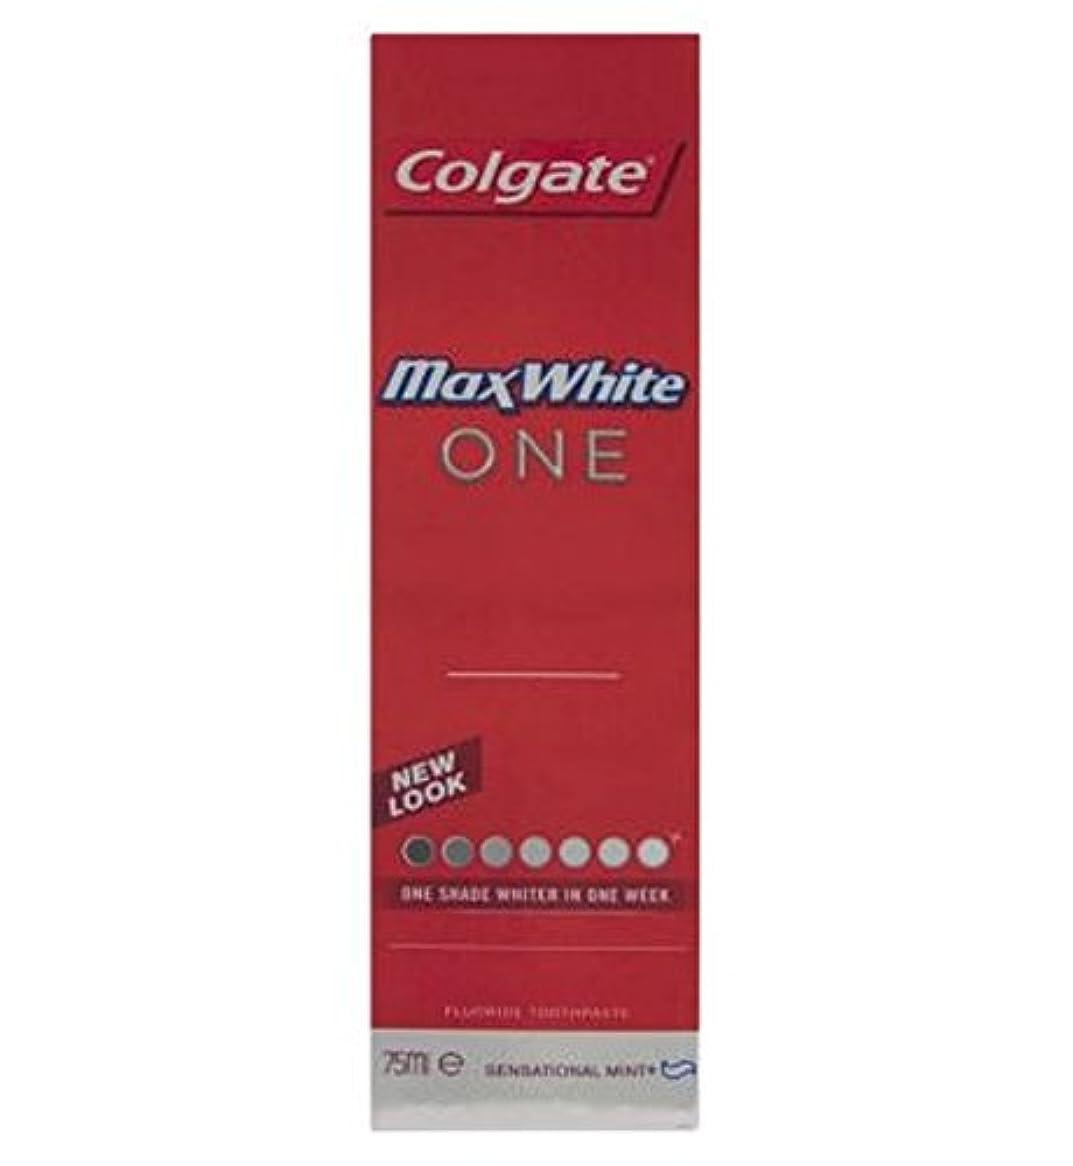 乱すインタビュー時々時々コルゲートマックスホワイト1新鮮な歯磨き粉75ミリリットル (Colgate) (x2) - Colgate Max White One Fresh toothpaste 75ml (Pack of 2) [並行輸入品]